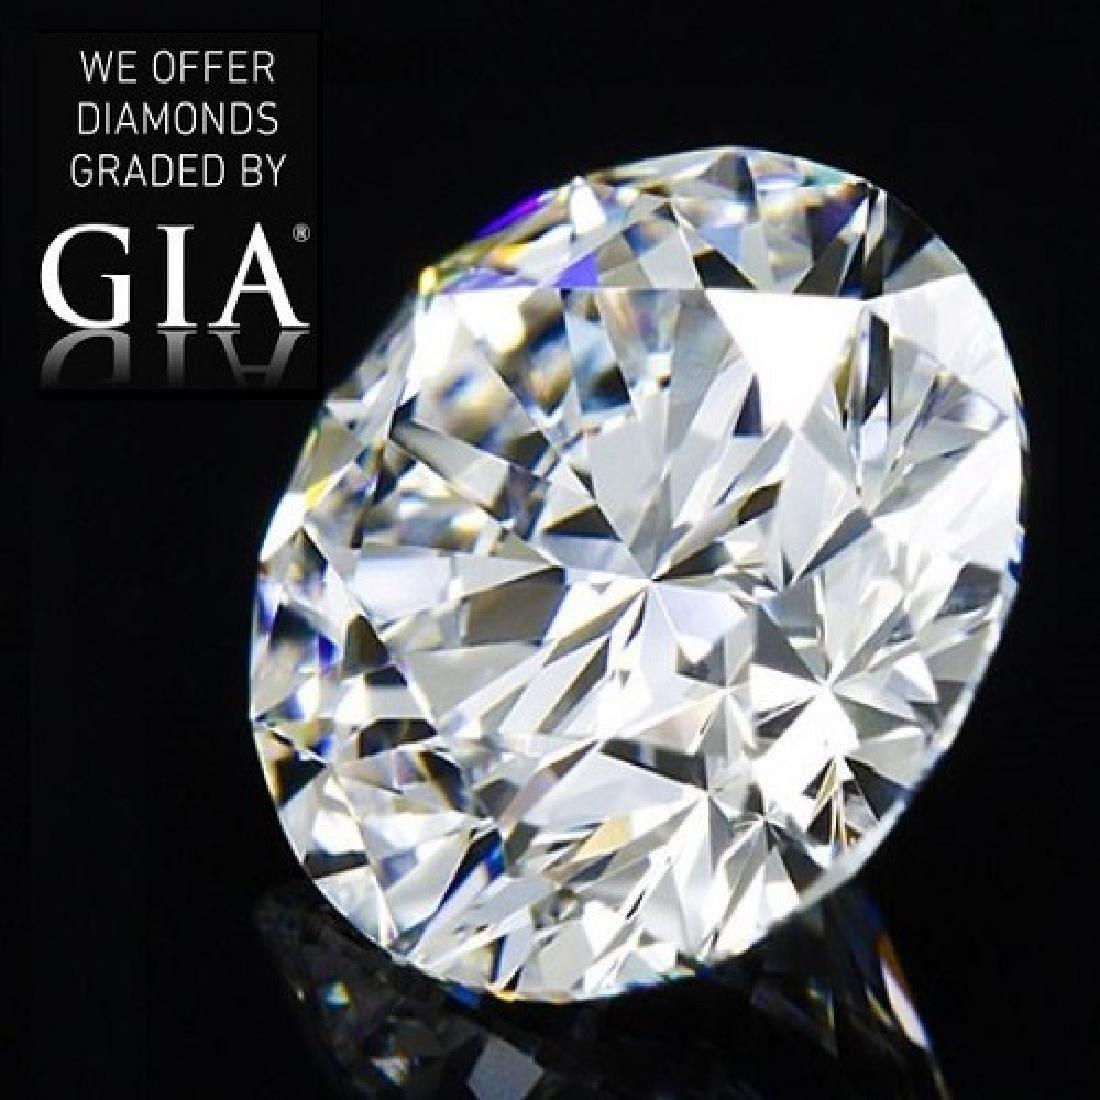 3.02 ct, Color H/VS1, Round cut Diamond